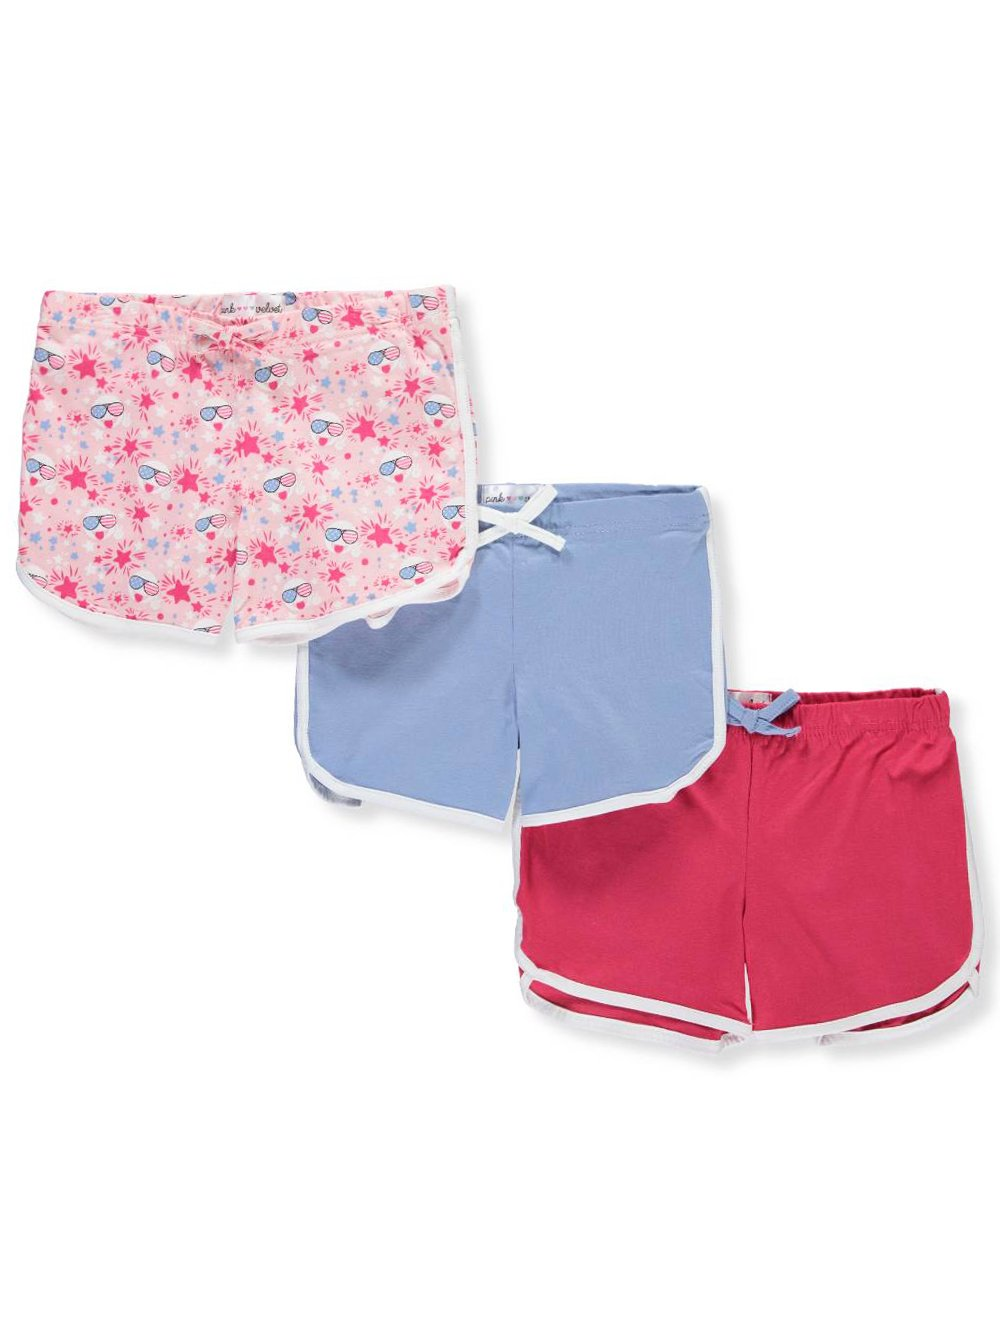 Pink Velvet Girls' 3-Pack Shorts 10-12